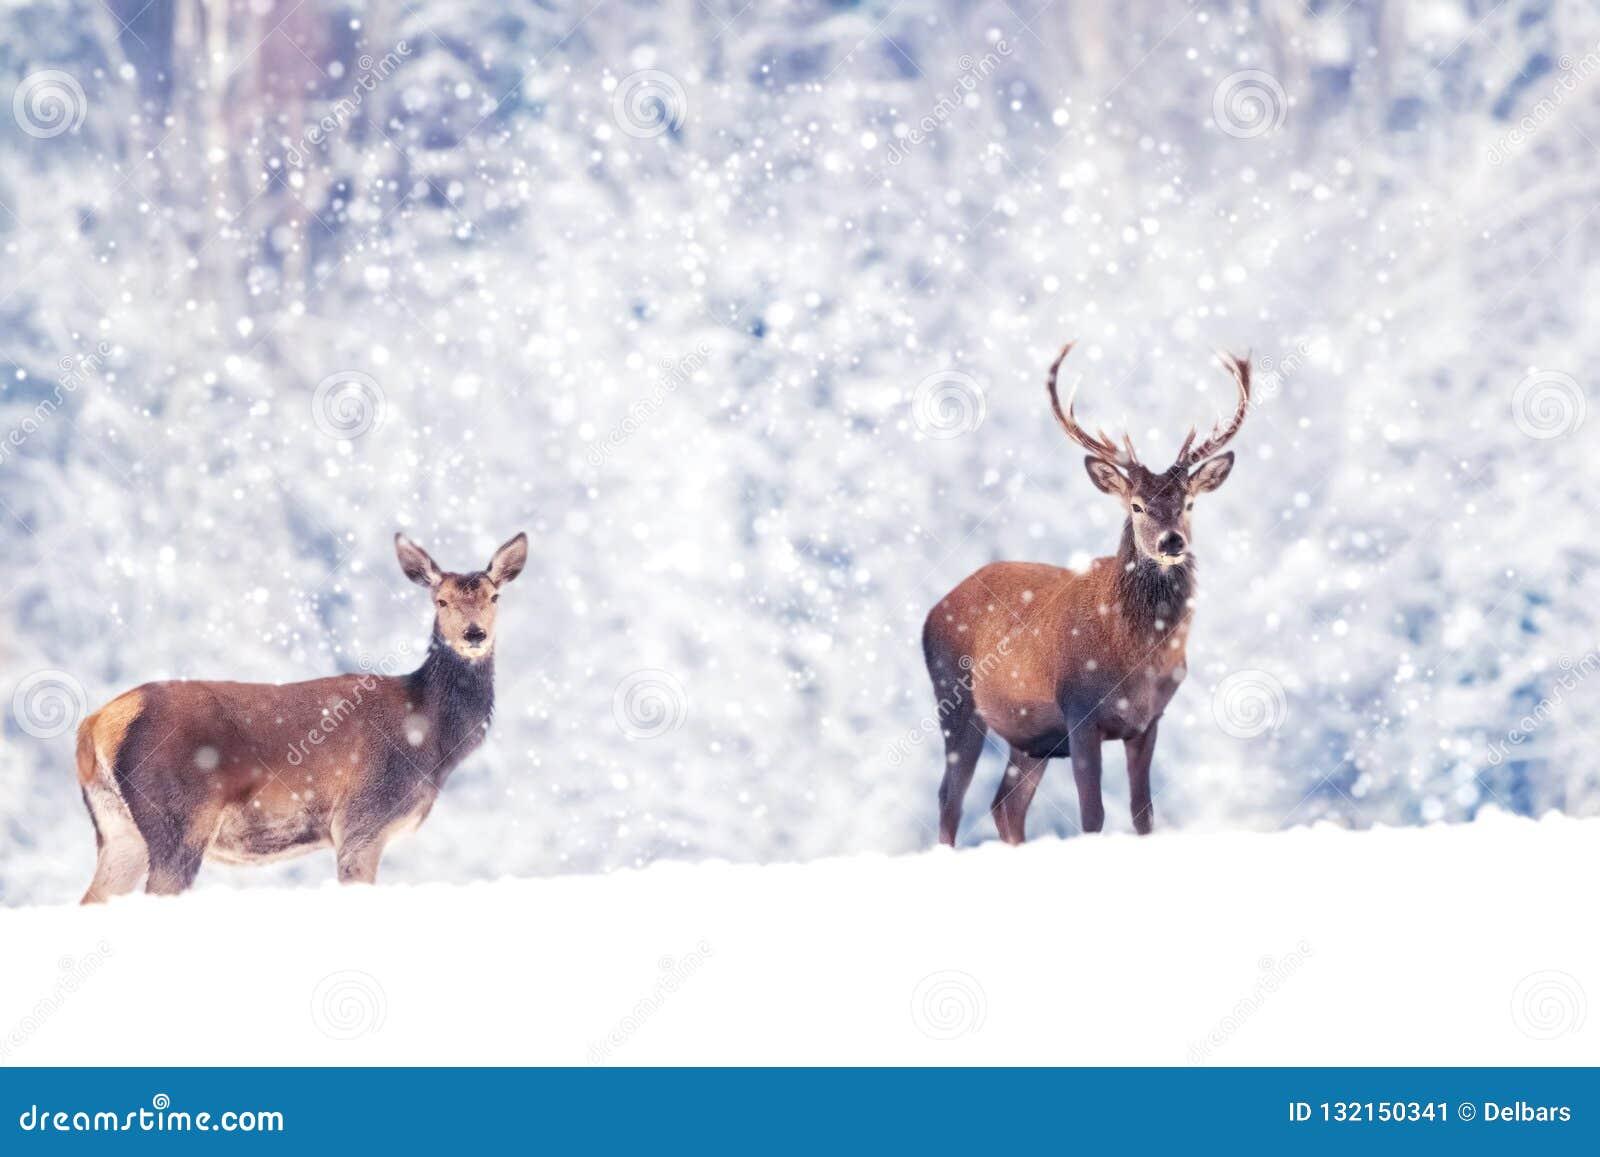 Härlig man och kvinnliga nobla hjortar i den snöig vita för julvinter för skog konstnärliga bilden Vinterunderland